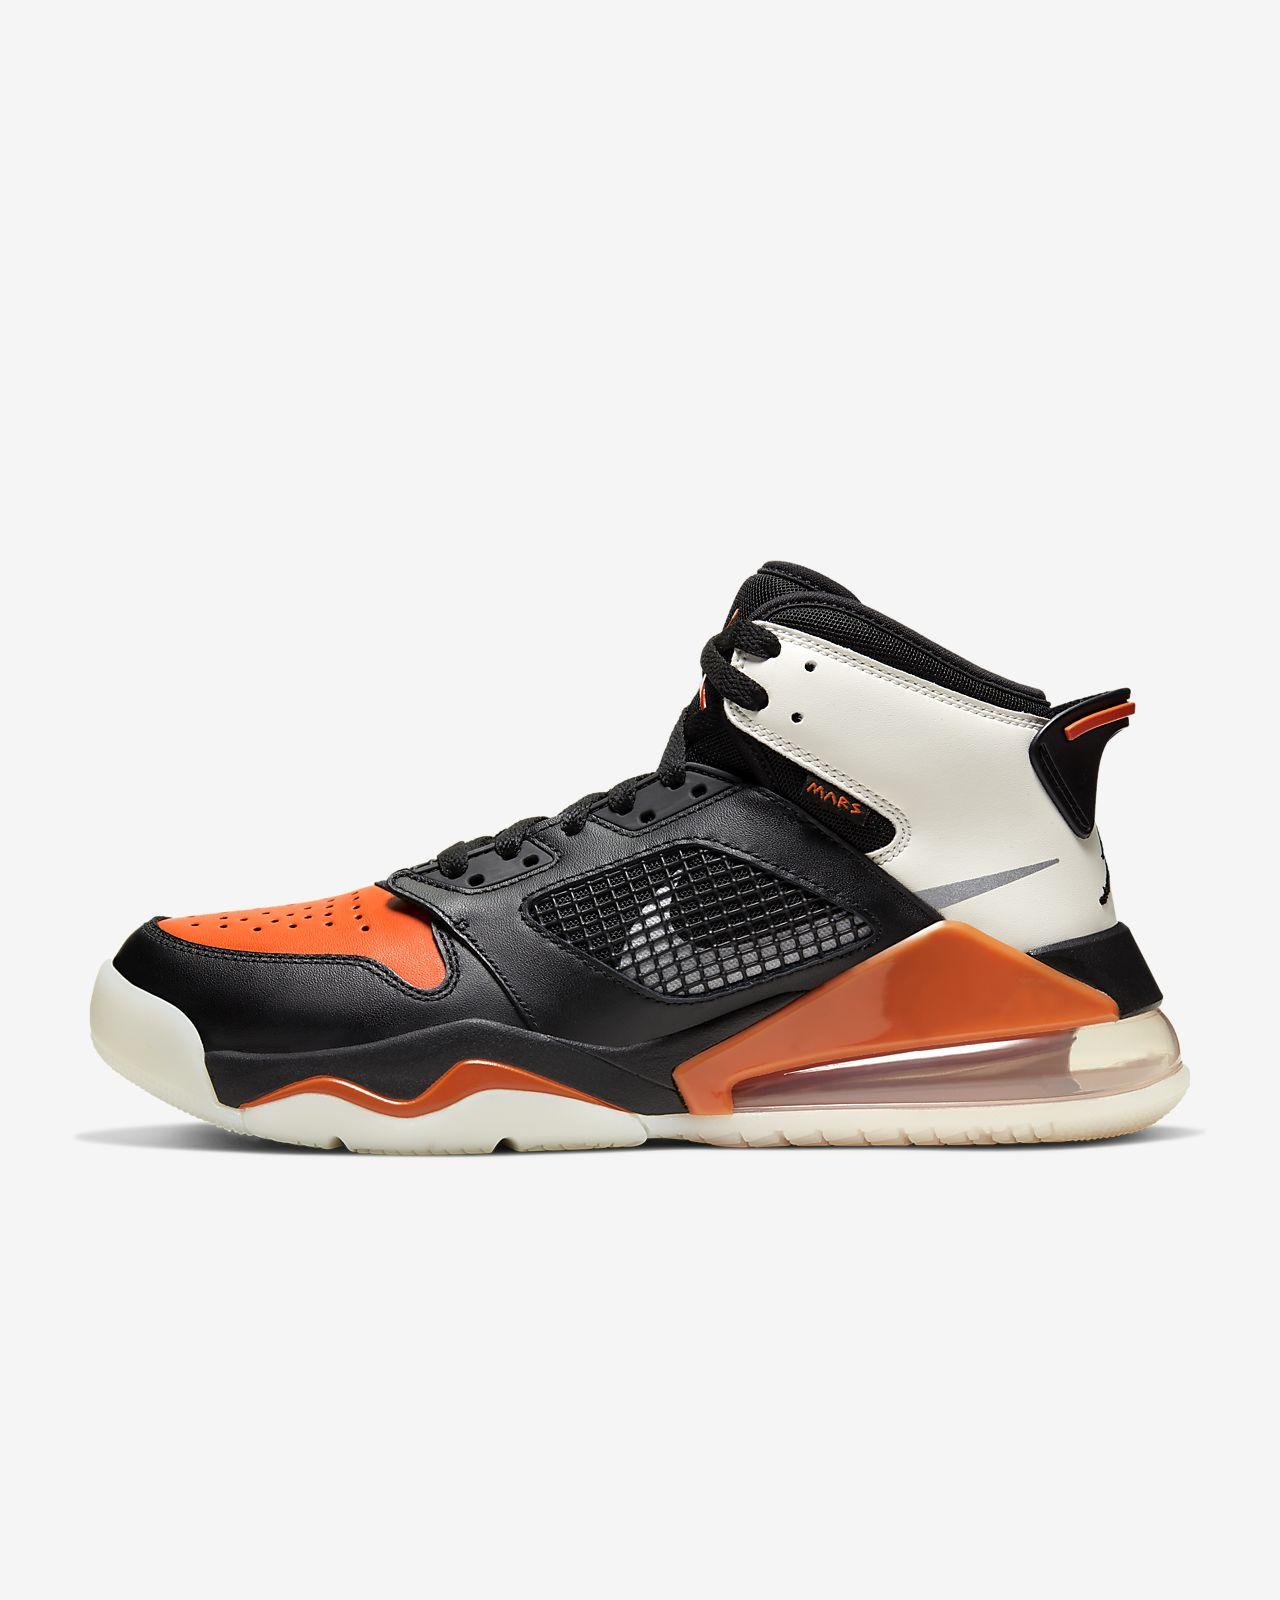 bas prix b0699 f6d1a Chaussure Jordan Mars 270 pour Homme